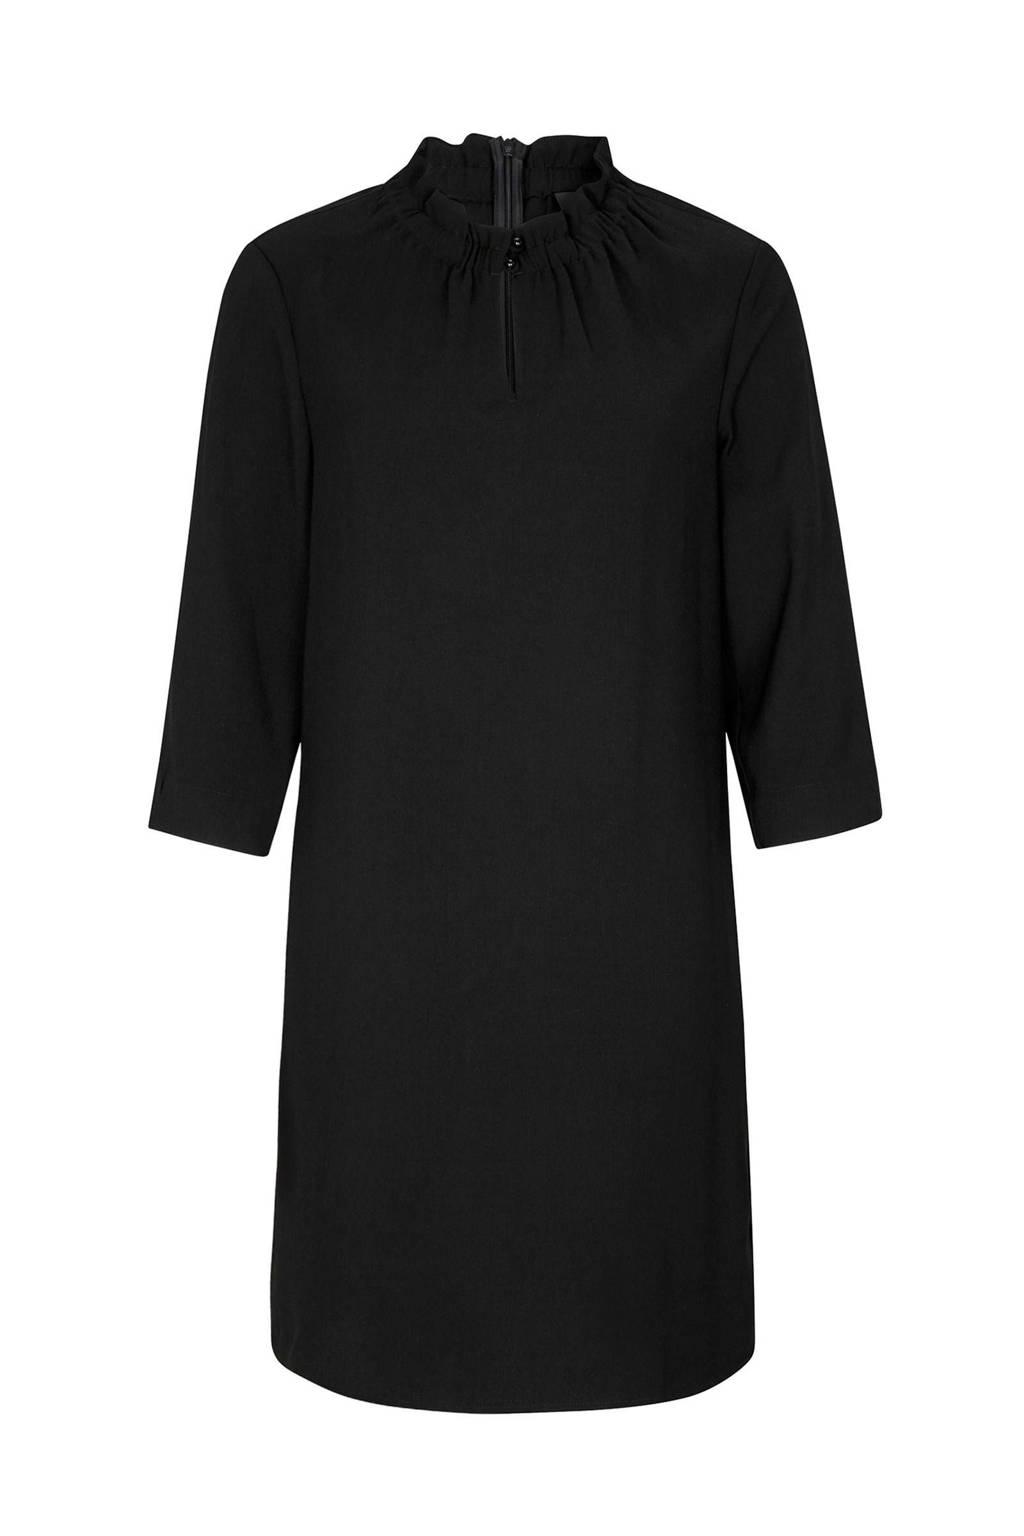 s.Oliver BLACK LABEL jurk met opstaande kraag zwart, Zwart